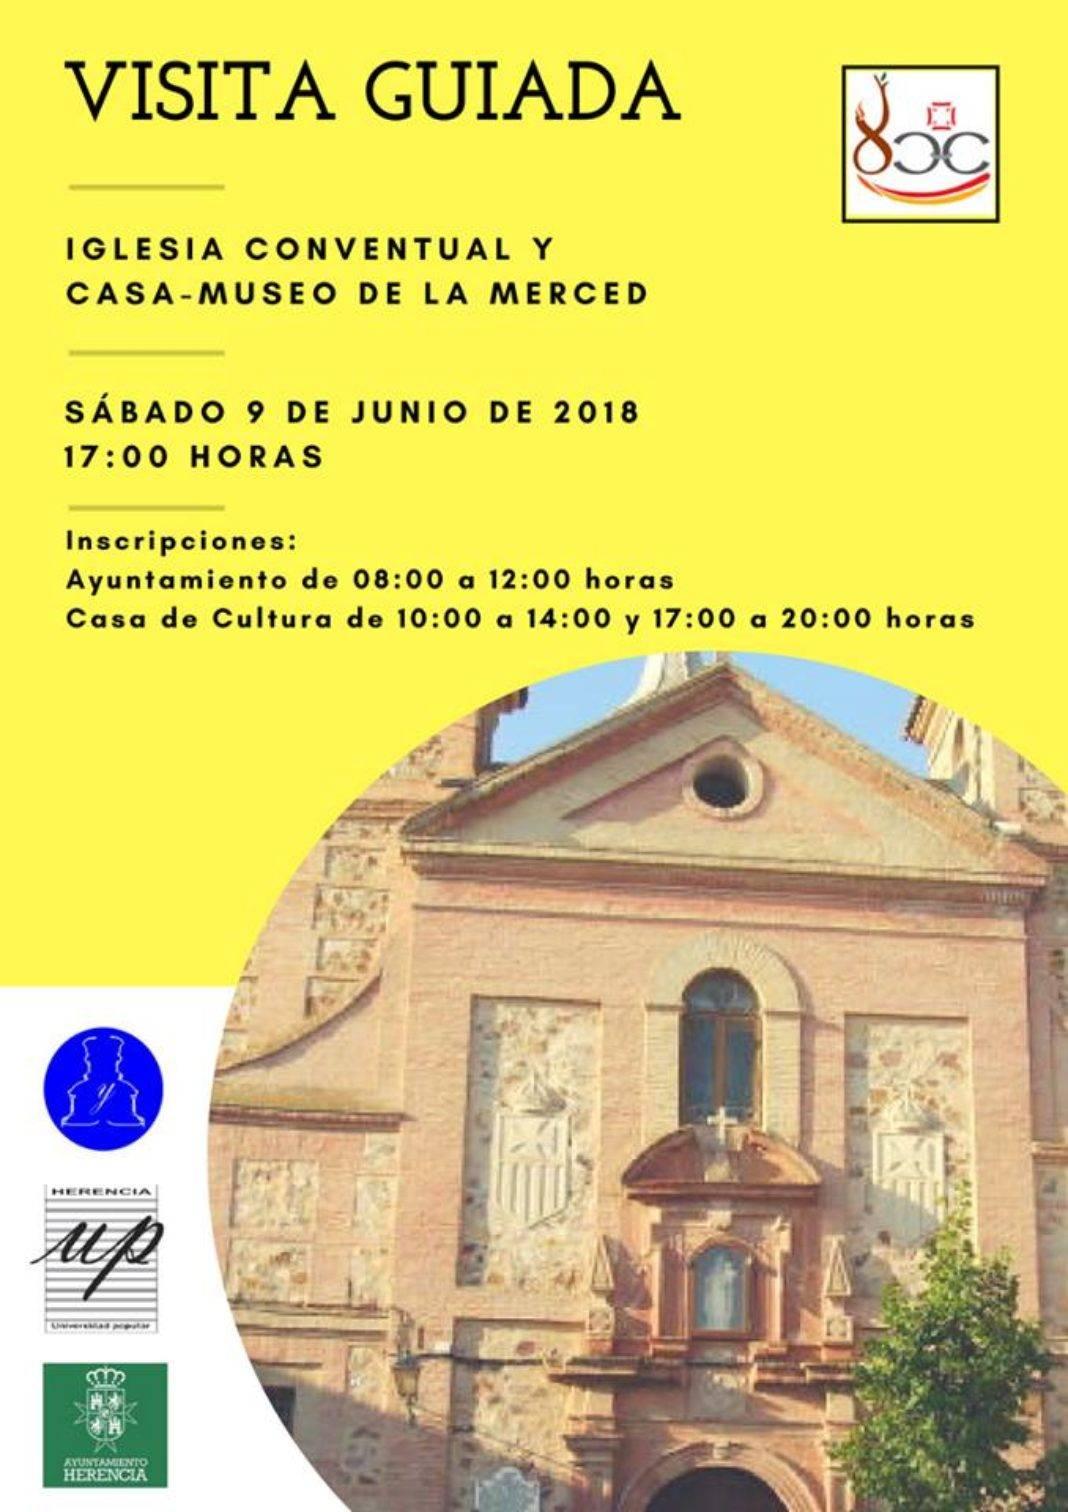 Visita guiada a la iglesia conventual y casa-museo de La Merced 4